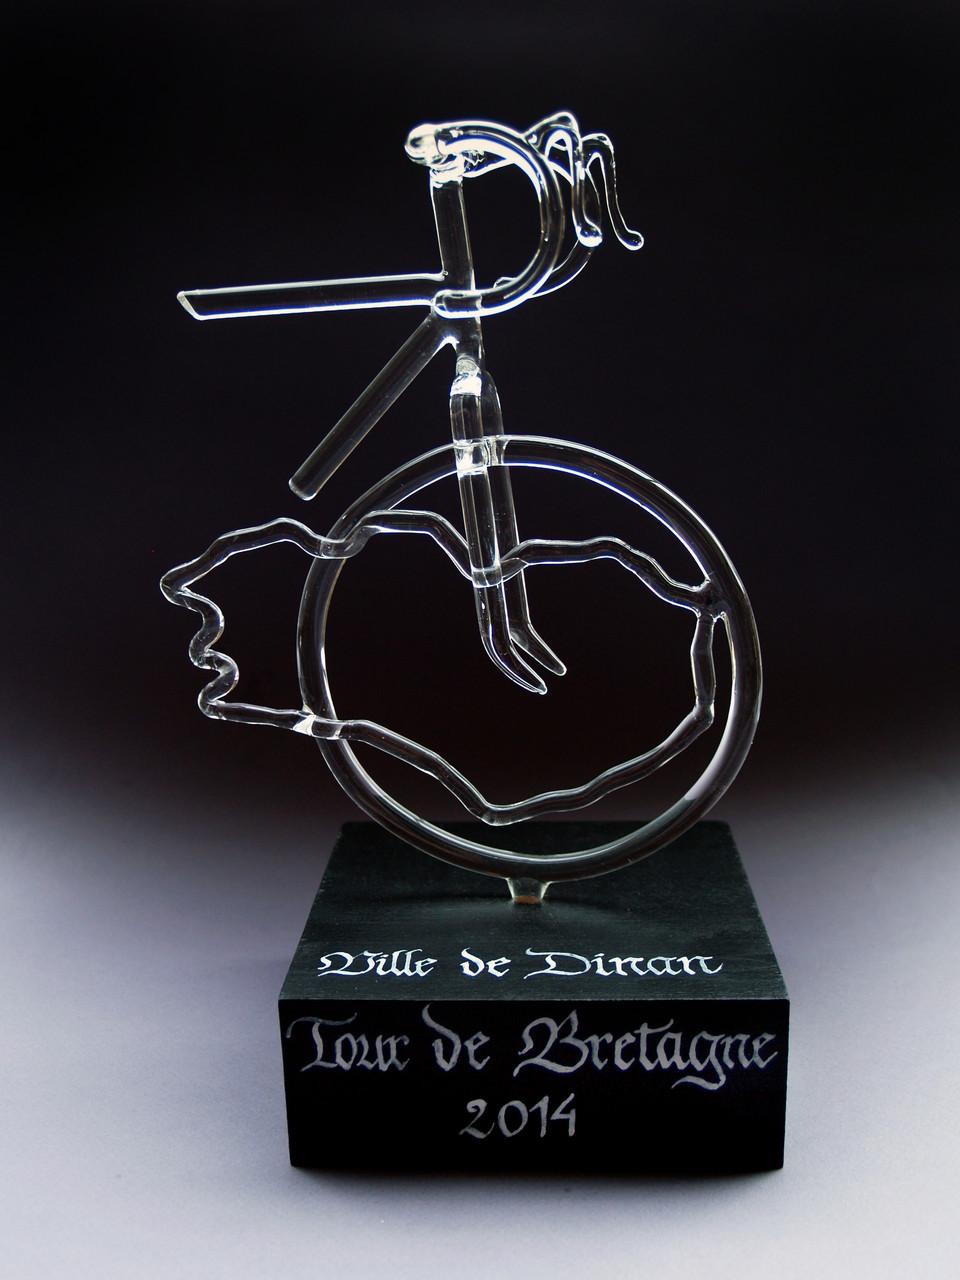 Trophée réalisé pour le tour de Bretagne cycliste